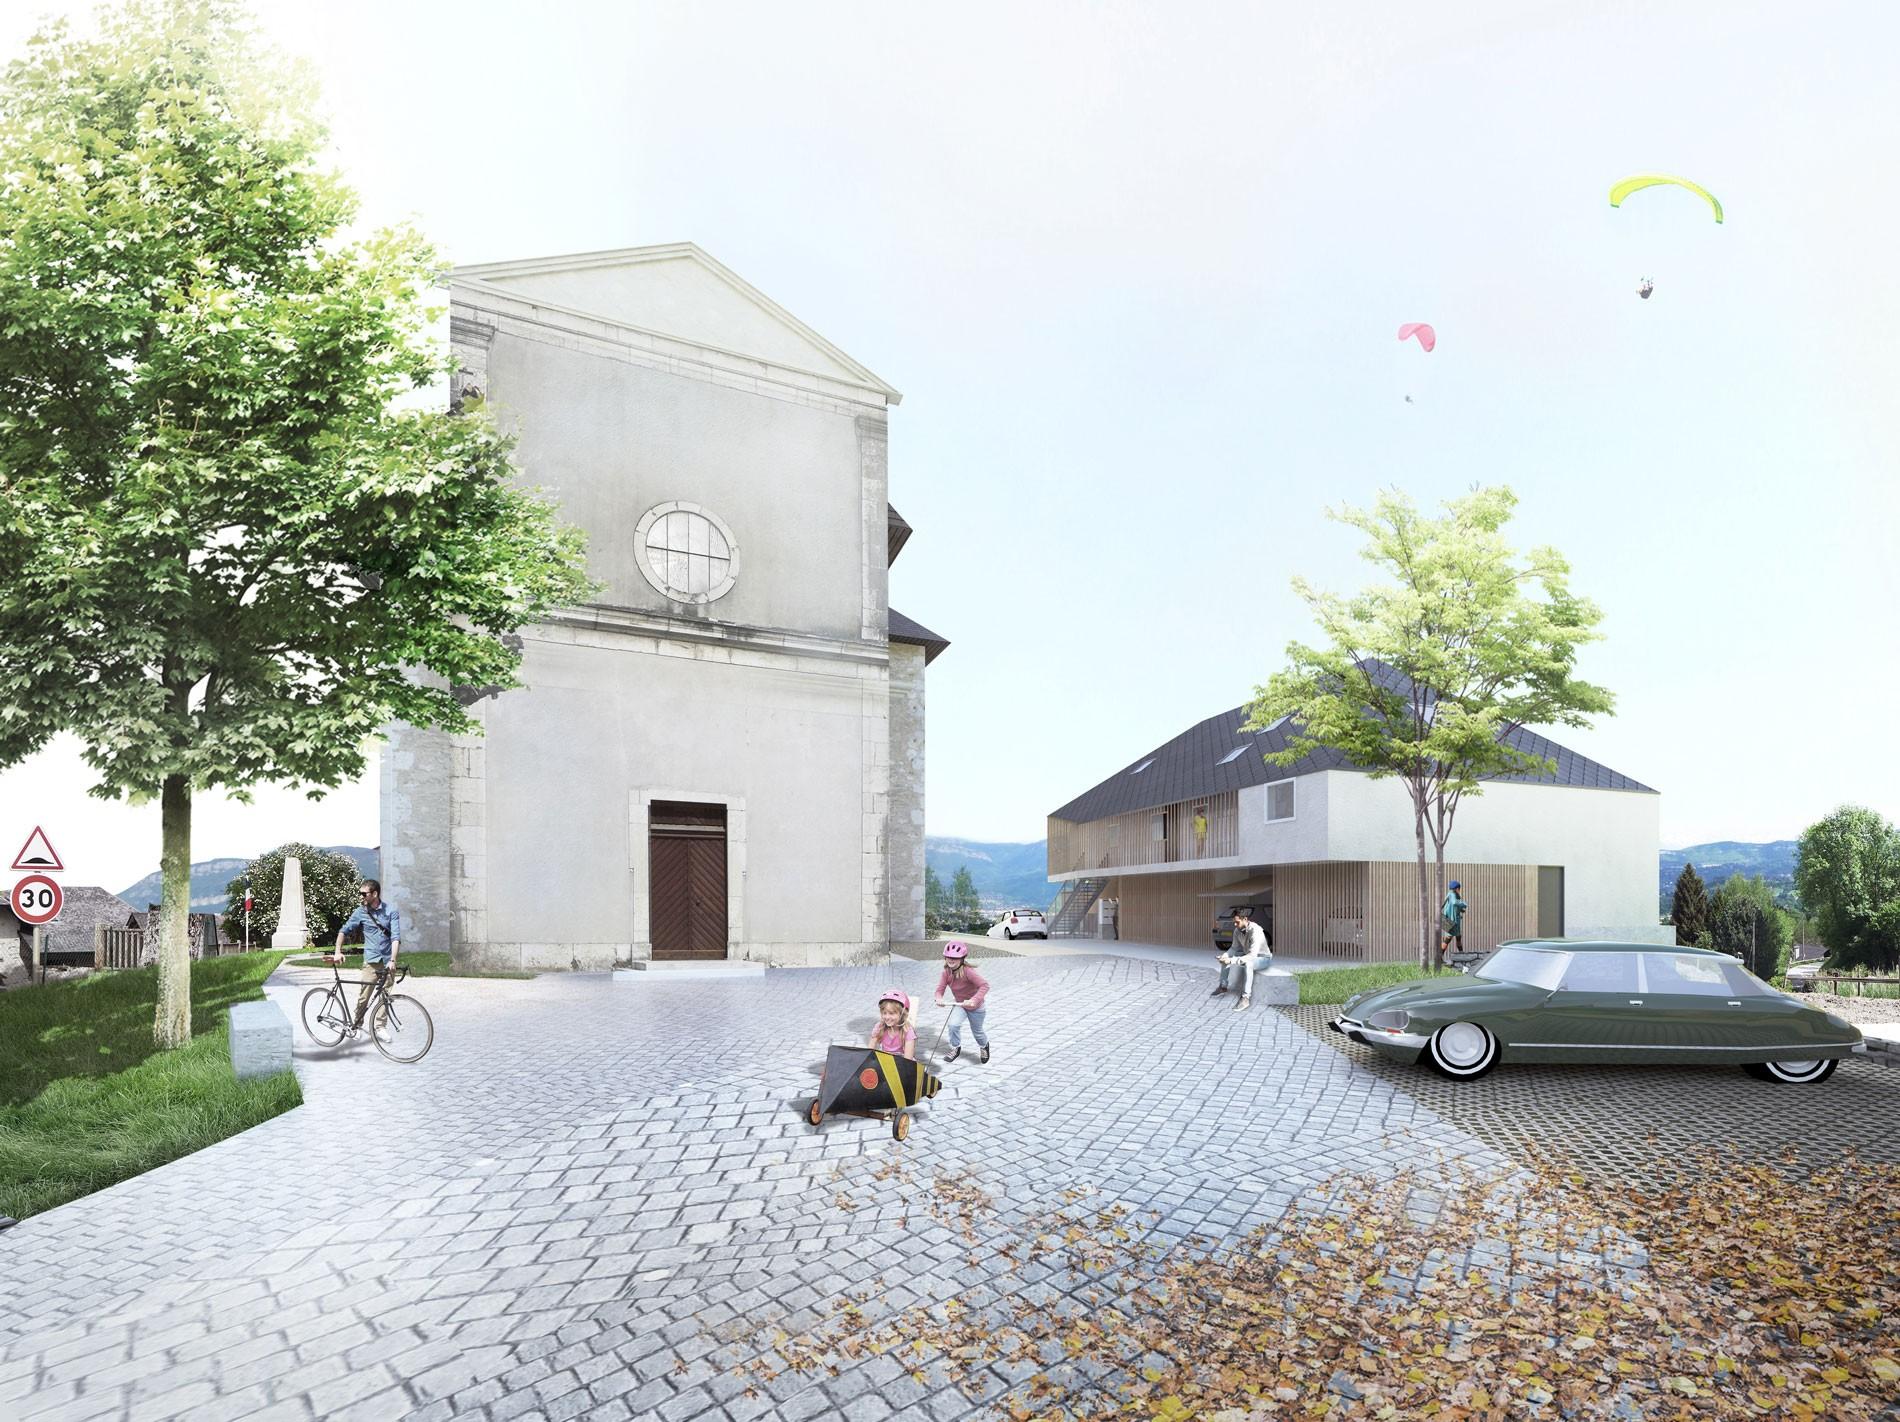 concours-saint-sulpice-savoie-logements-chef-lieu-habitat-dans-la-pente-1